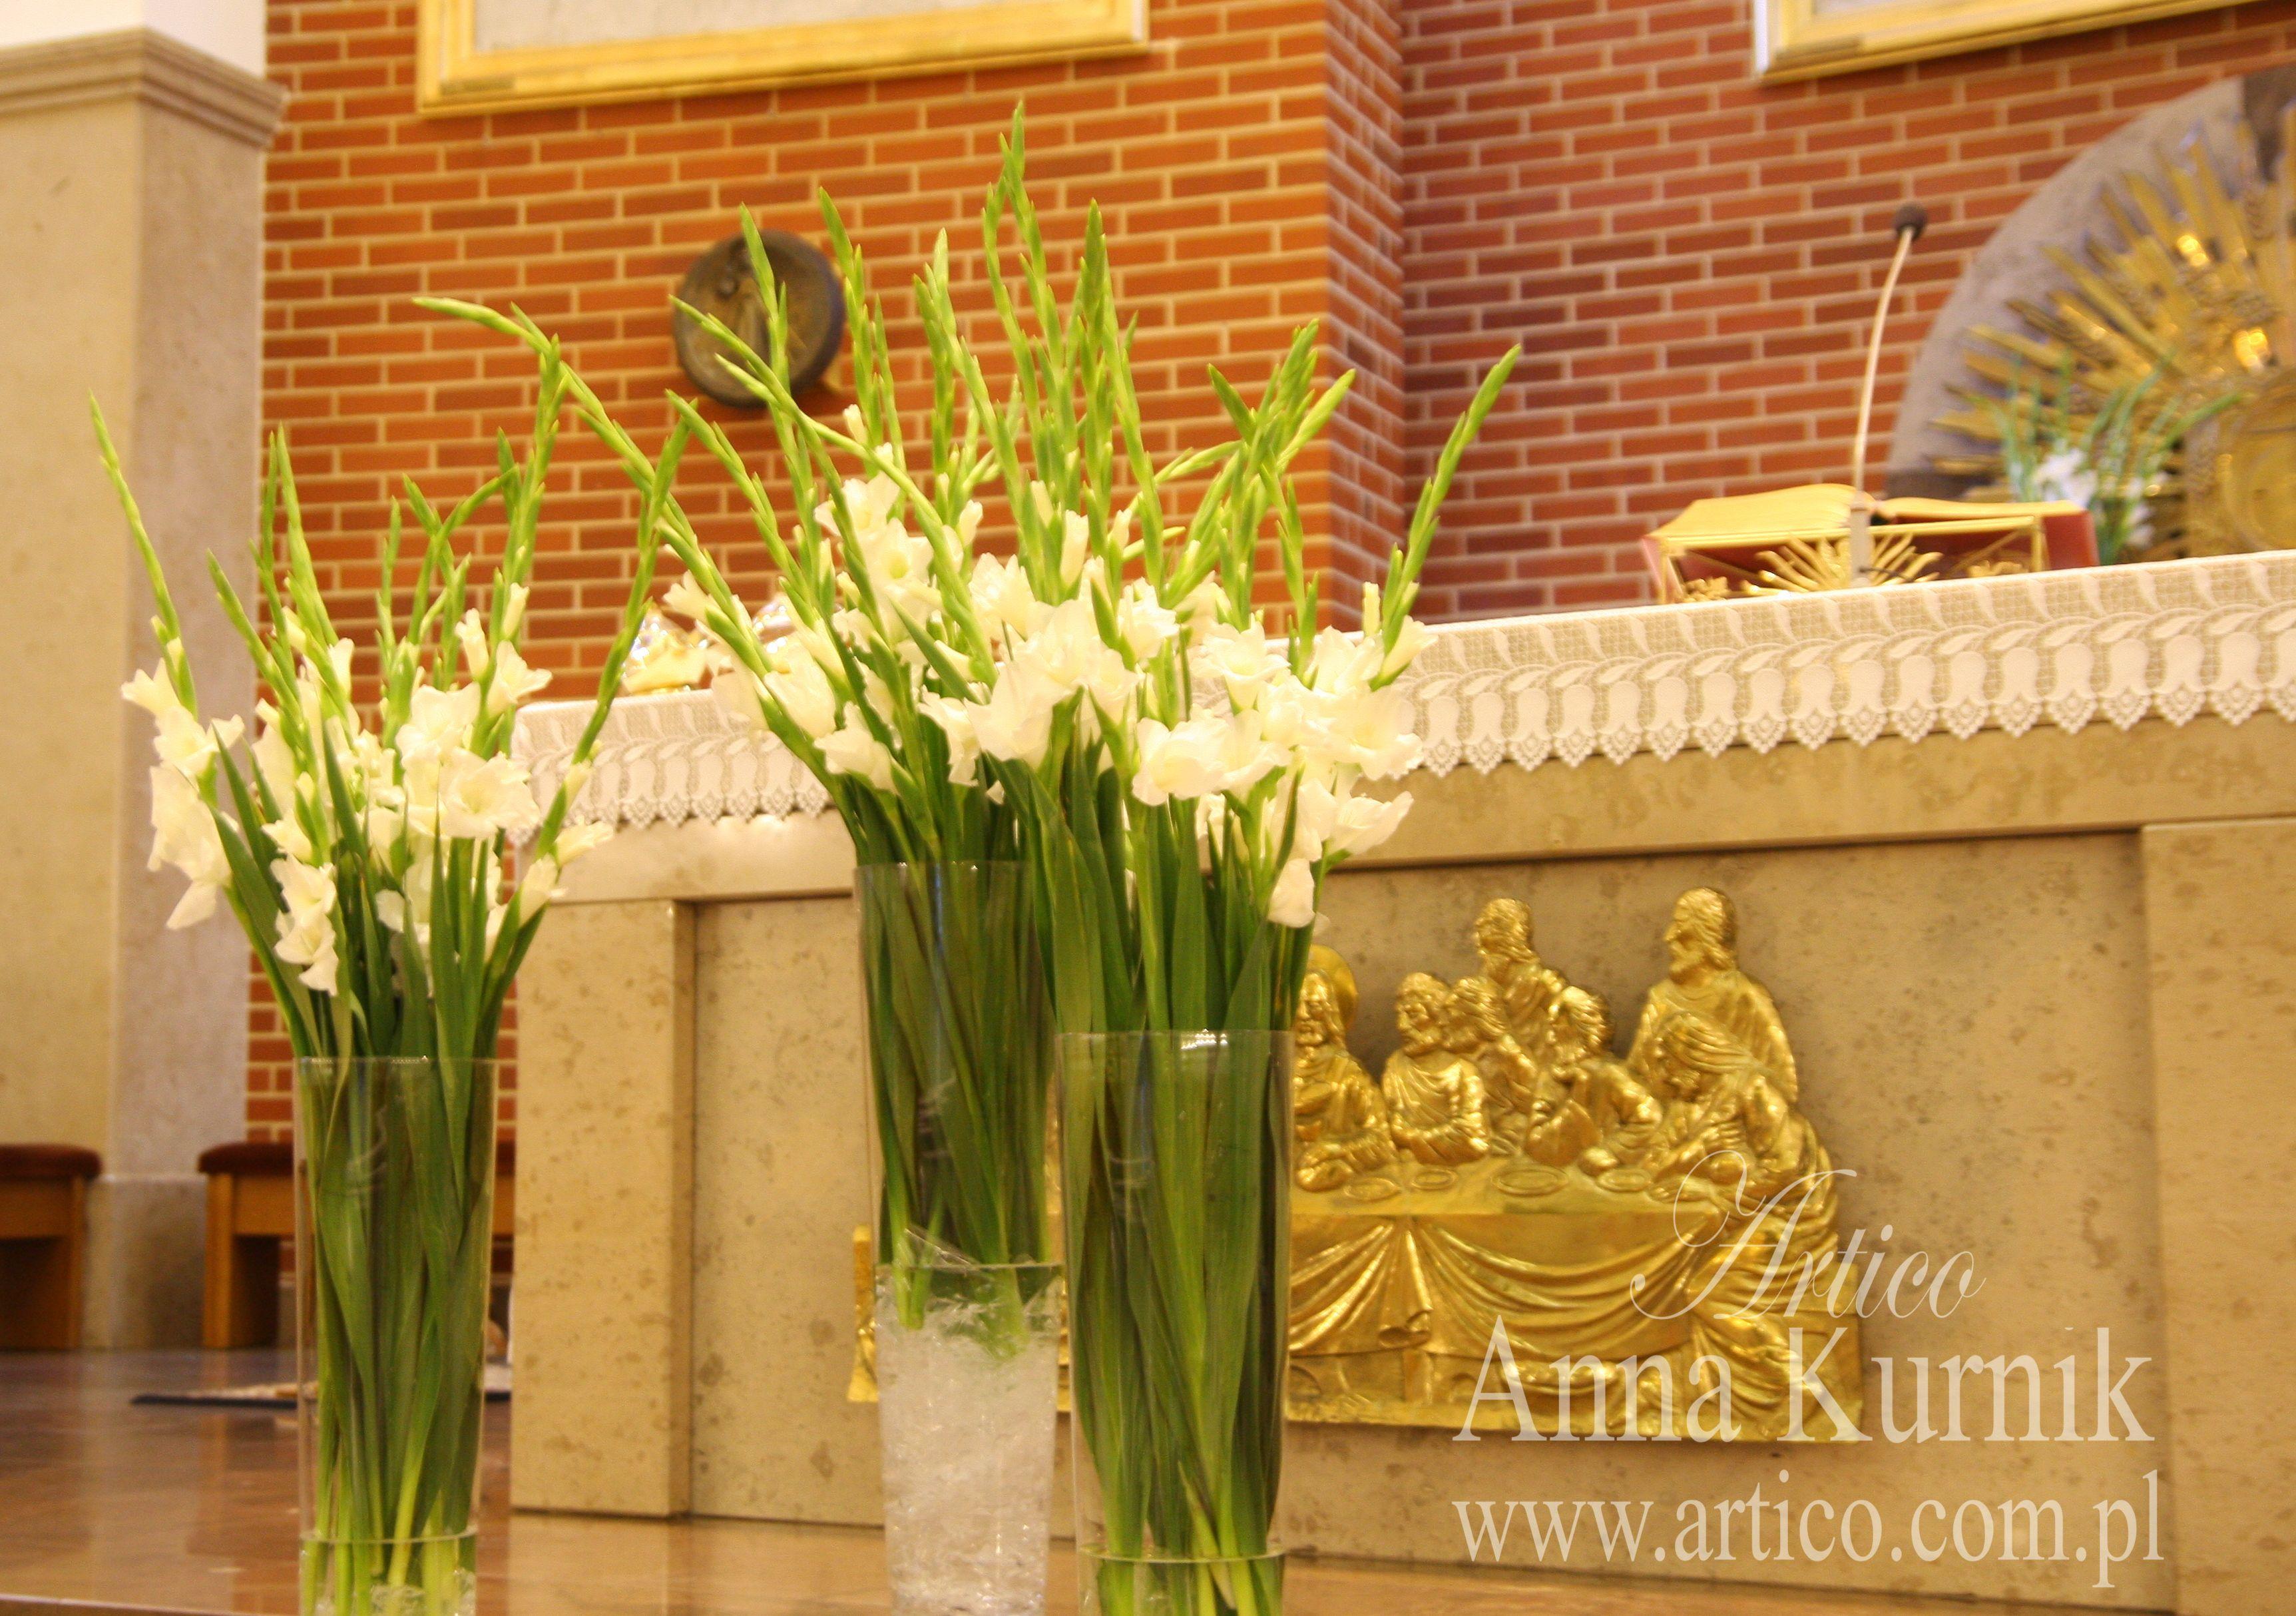 Przecudna Dekoracja Z Mieczykami To Przeciez Tylko Mieczyki A Jak Wyglada Cudownie Wedding Decorations Wedding Plants